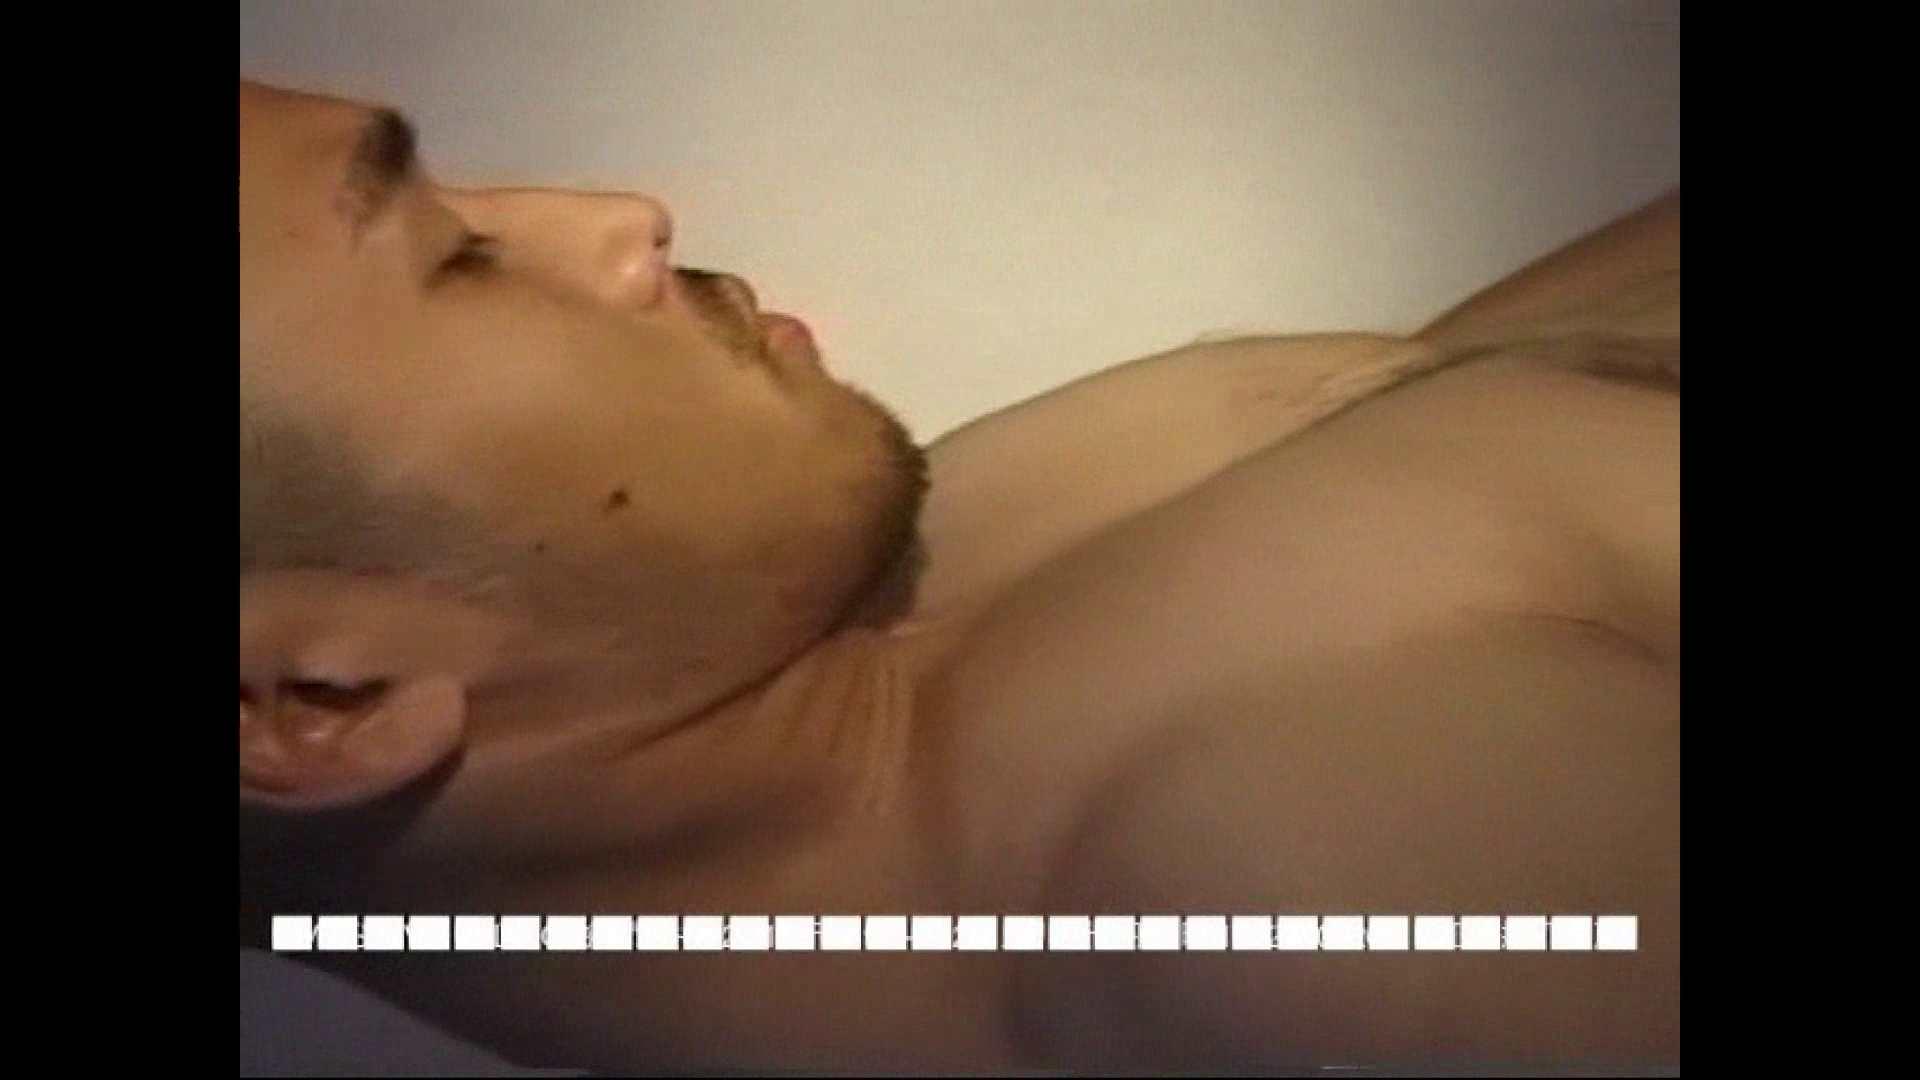 オナれ!集まれ!イケてるメンズ達!!File.01 スリム美少年系ジャニ系 ゲイセックス画像 9画像 7